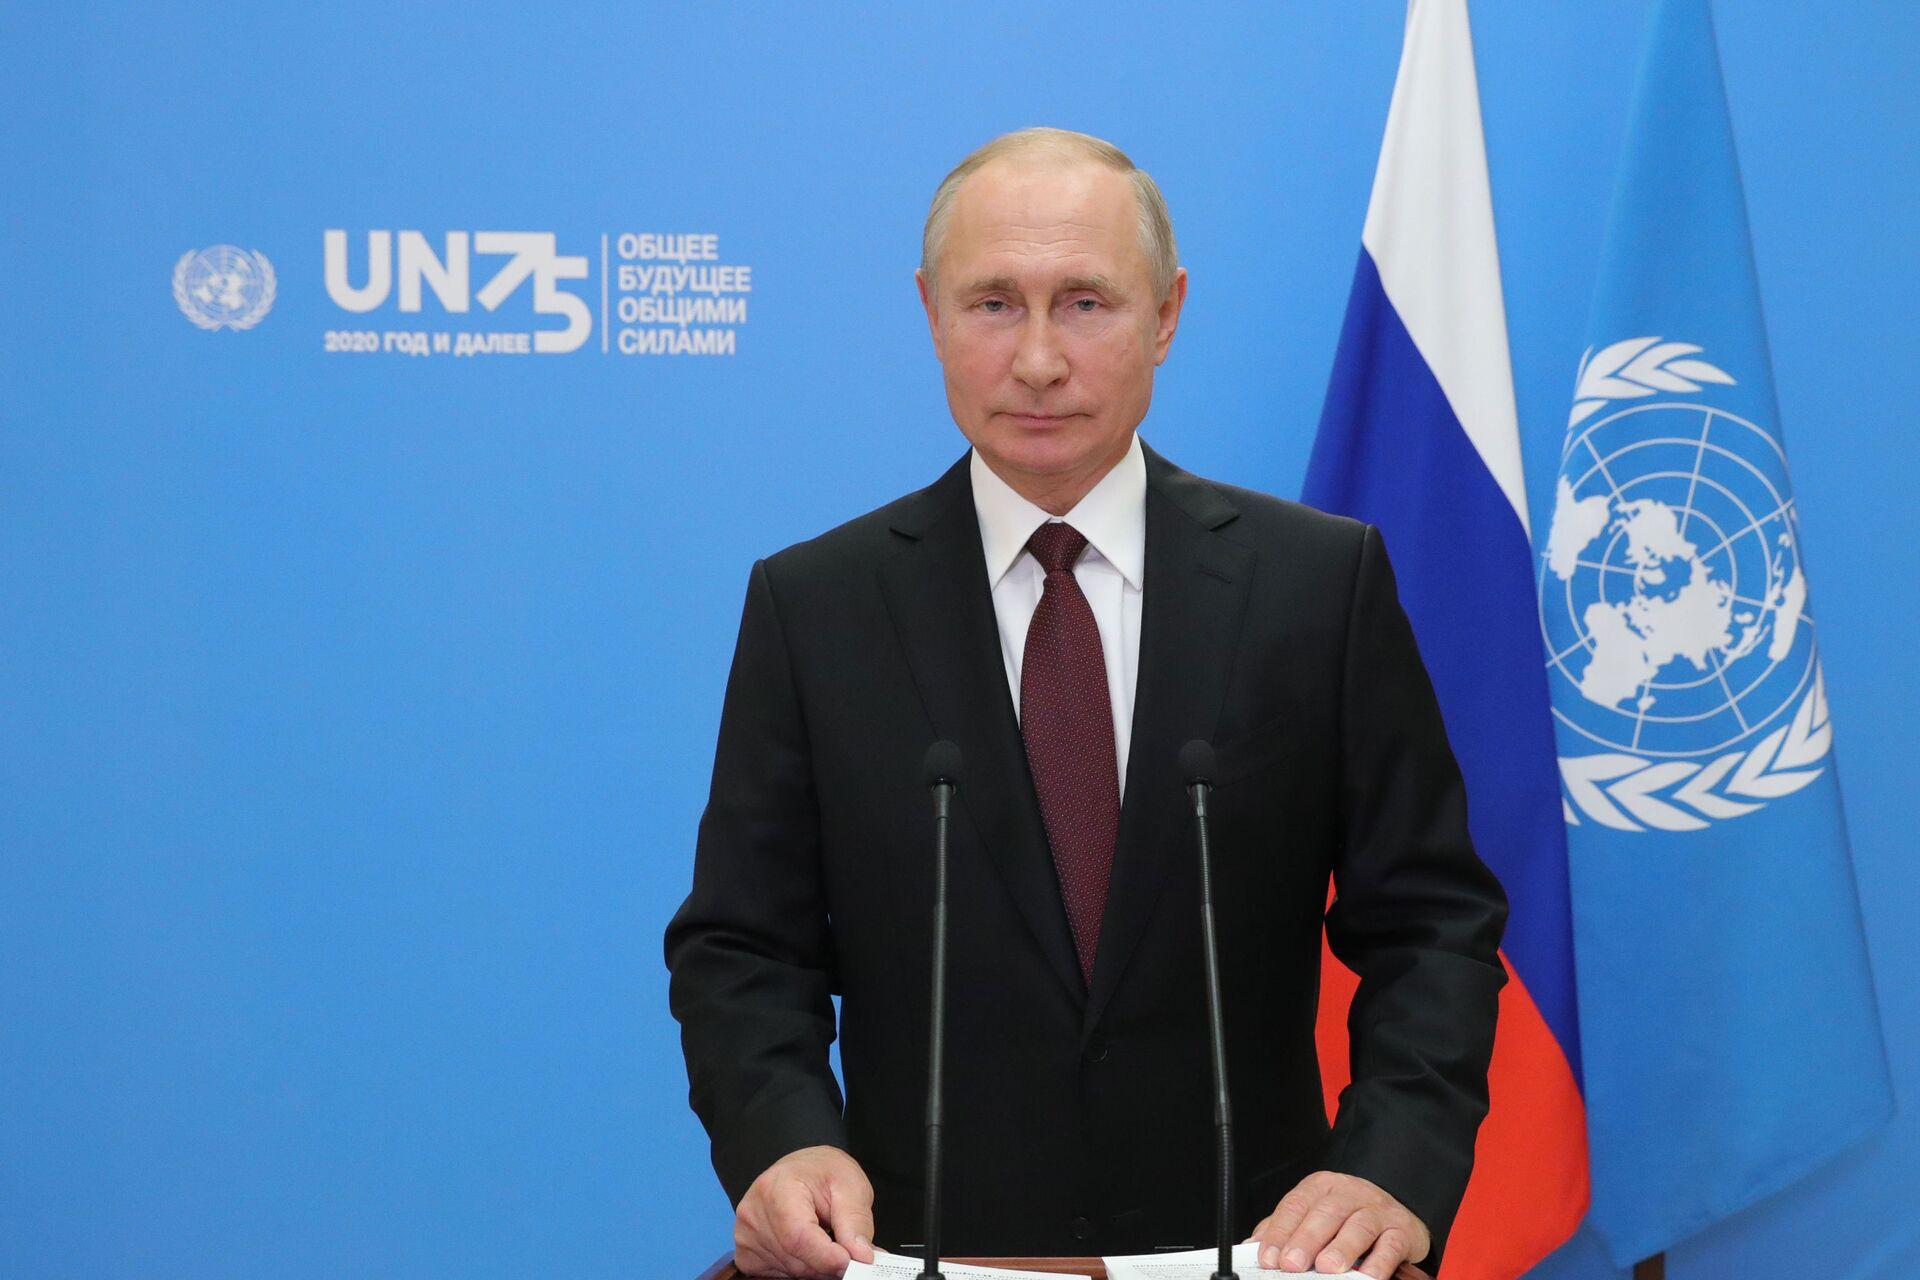 Il videomessaggio di Putin all'ONU - Sputnik Italia, 1920, 18.05.2021